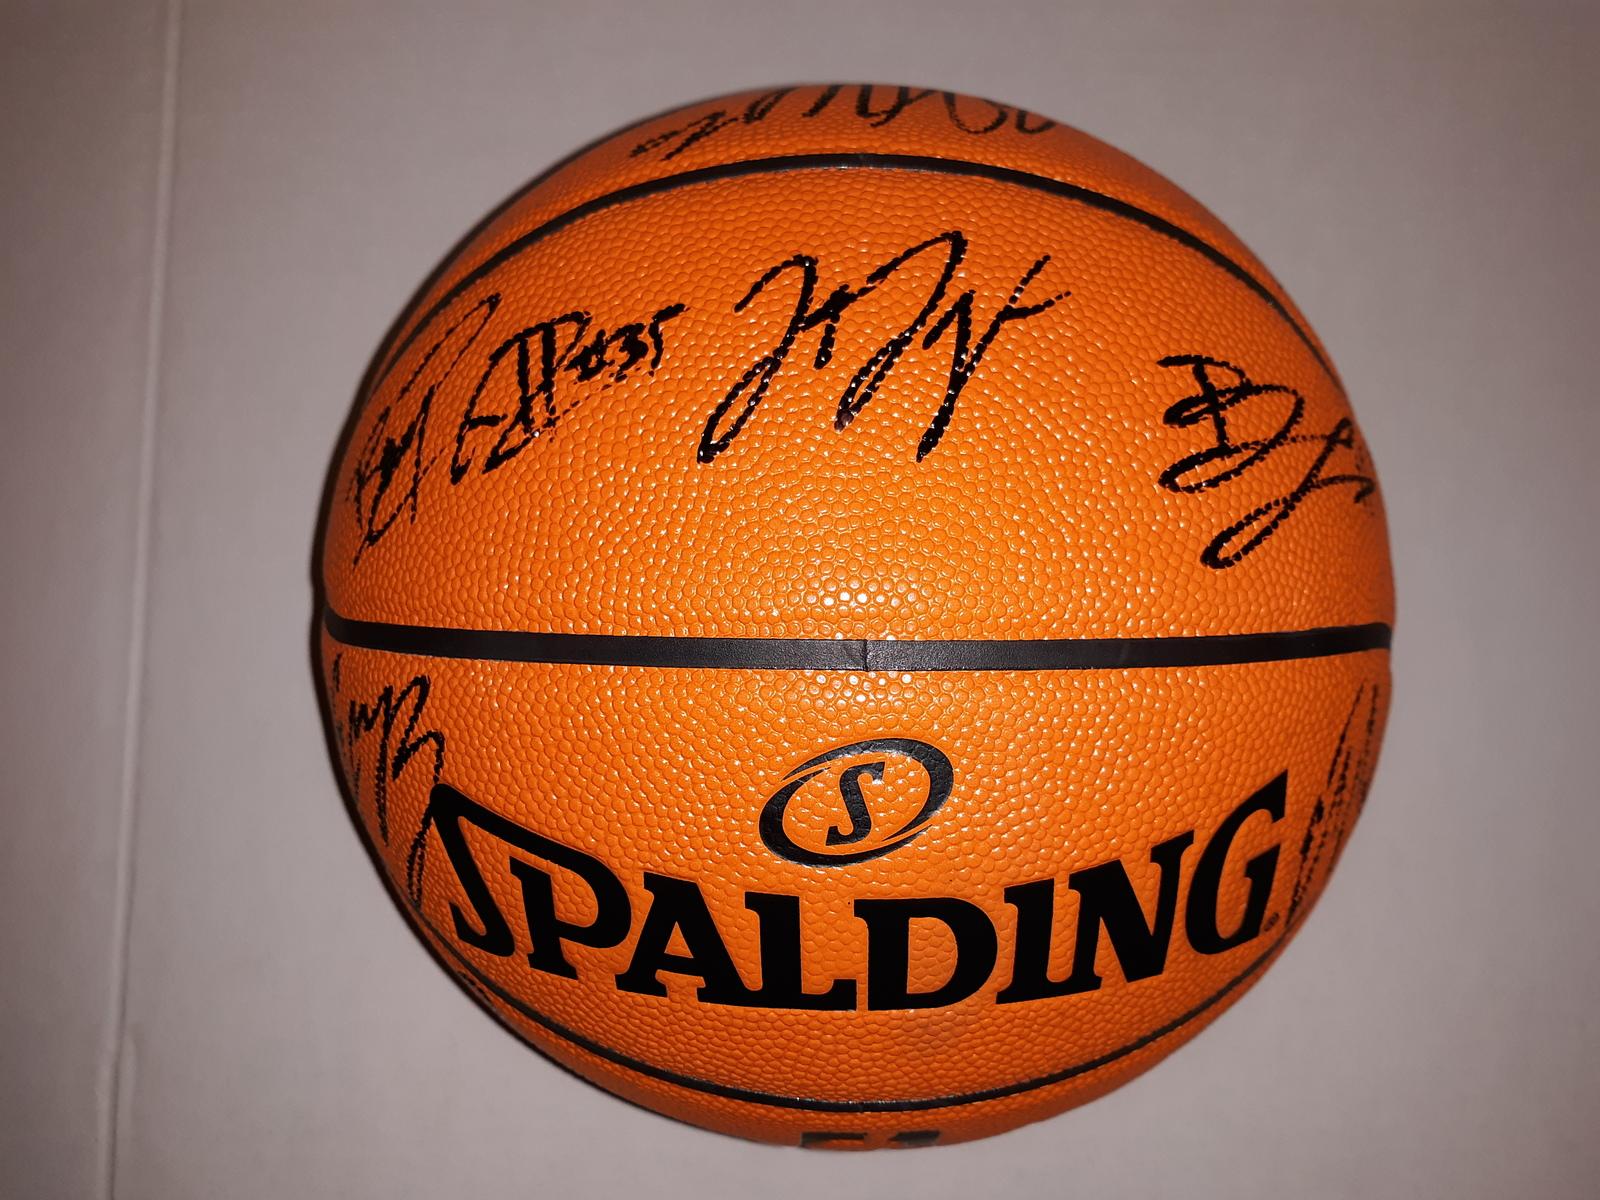 4ff2bb27ace 20190311 211129. 20190311 211129. Previous. Milwaukee Bucks Giannis  Antetokounmpo khris Middleton team signed ...